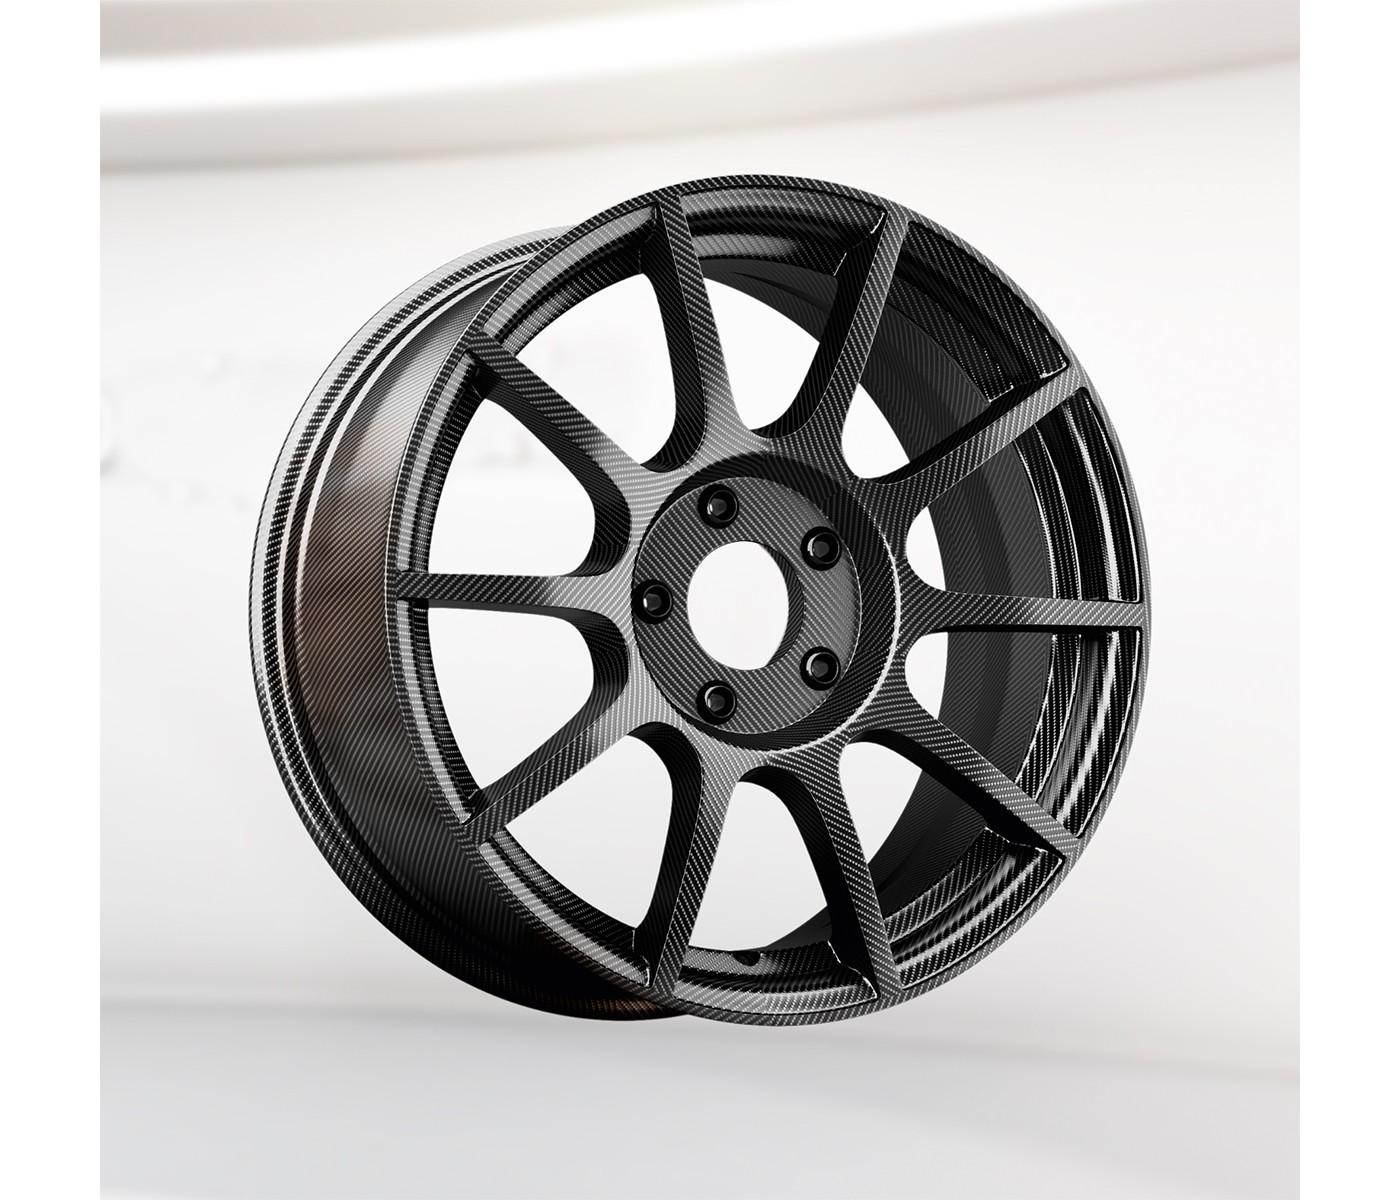 Dark grey, lightweight composite vehicle wheel